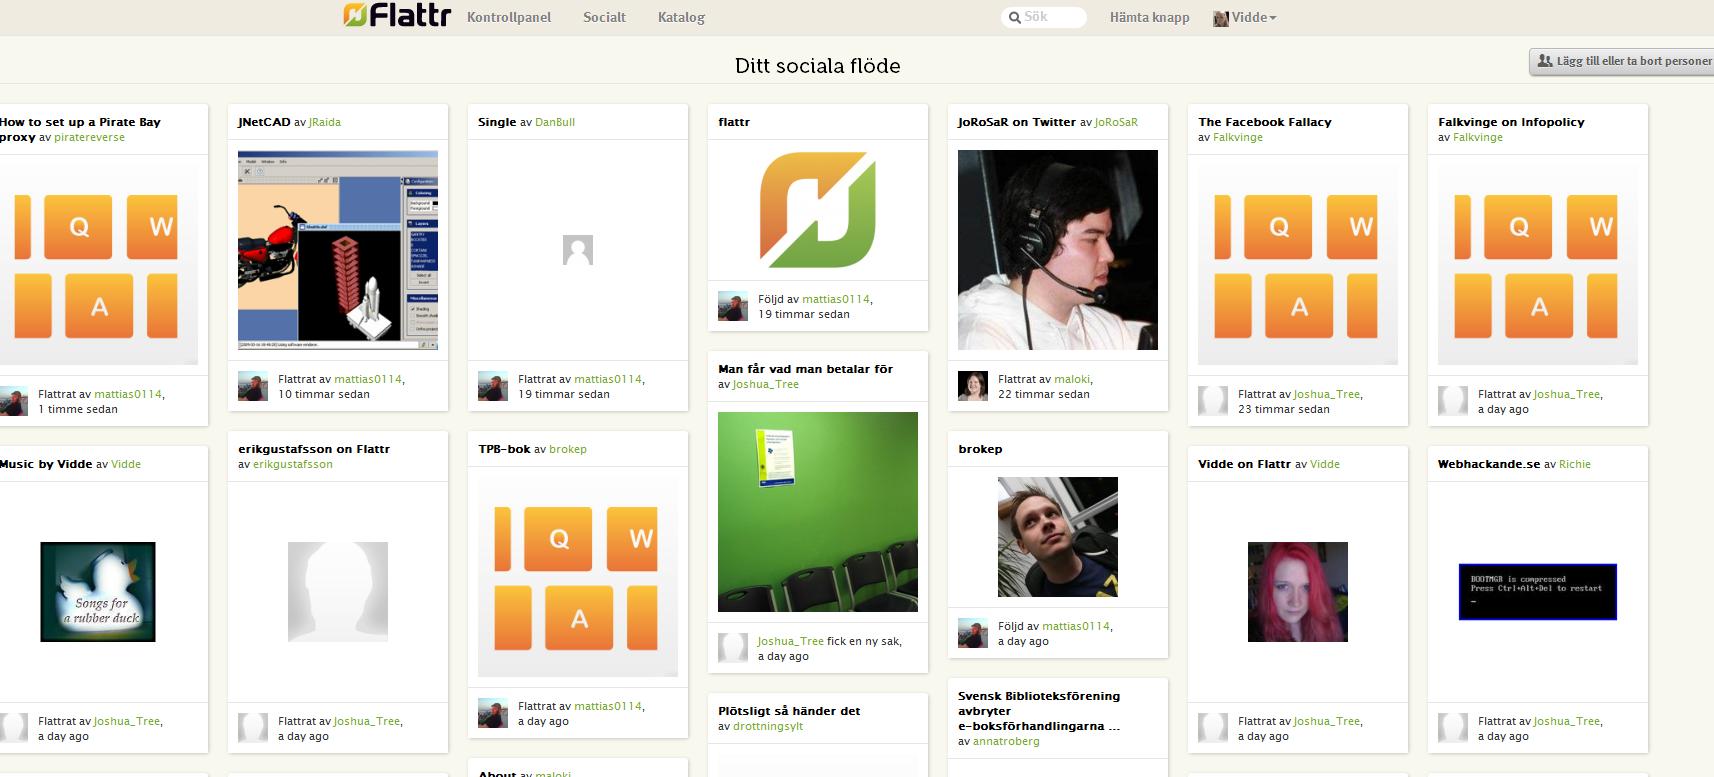 Har du sett den nya social-funktionen på Flattr?